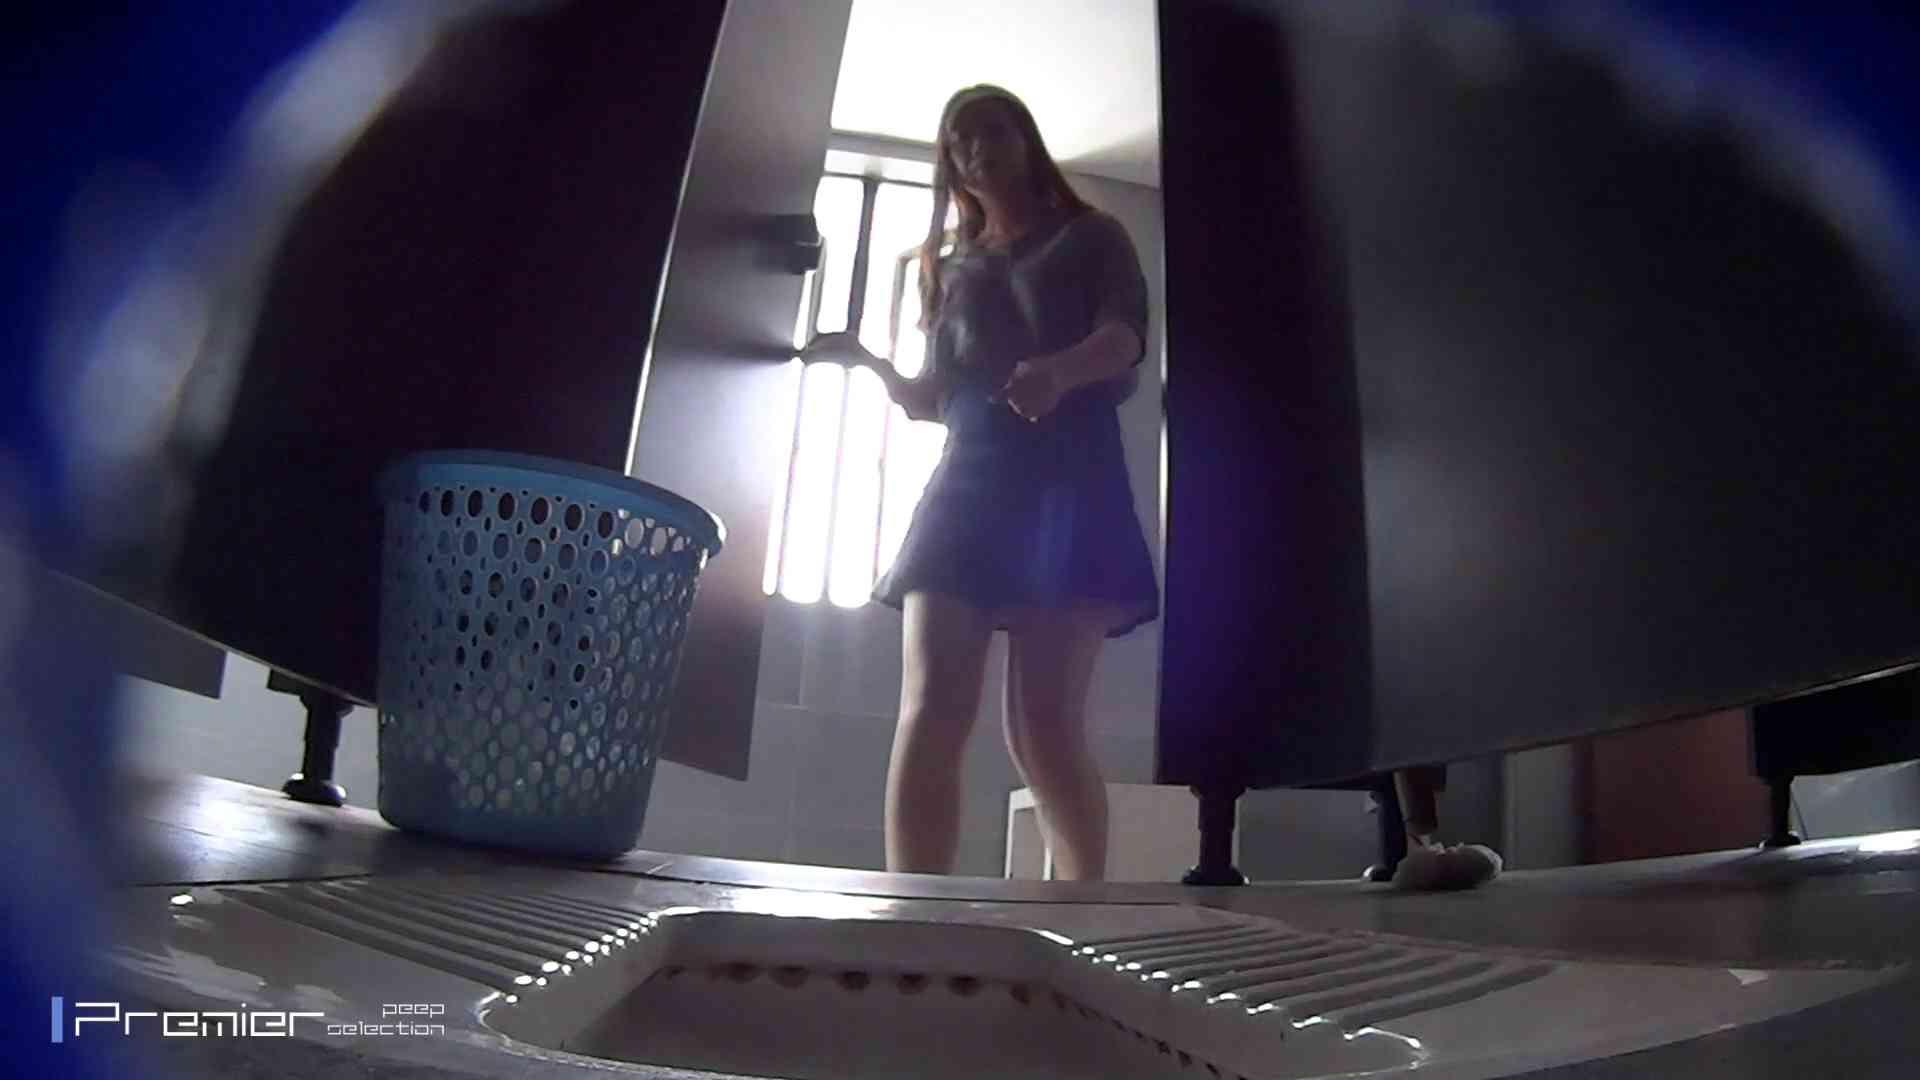 清楚なJDトイレ盗撮 大学休憩時間の洗面所事情41 高画質 えろ無修正画像 69画像 63